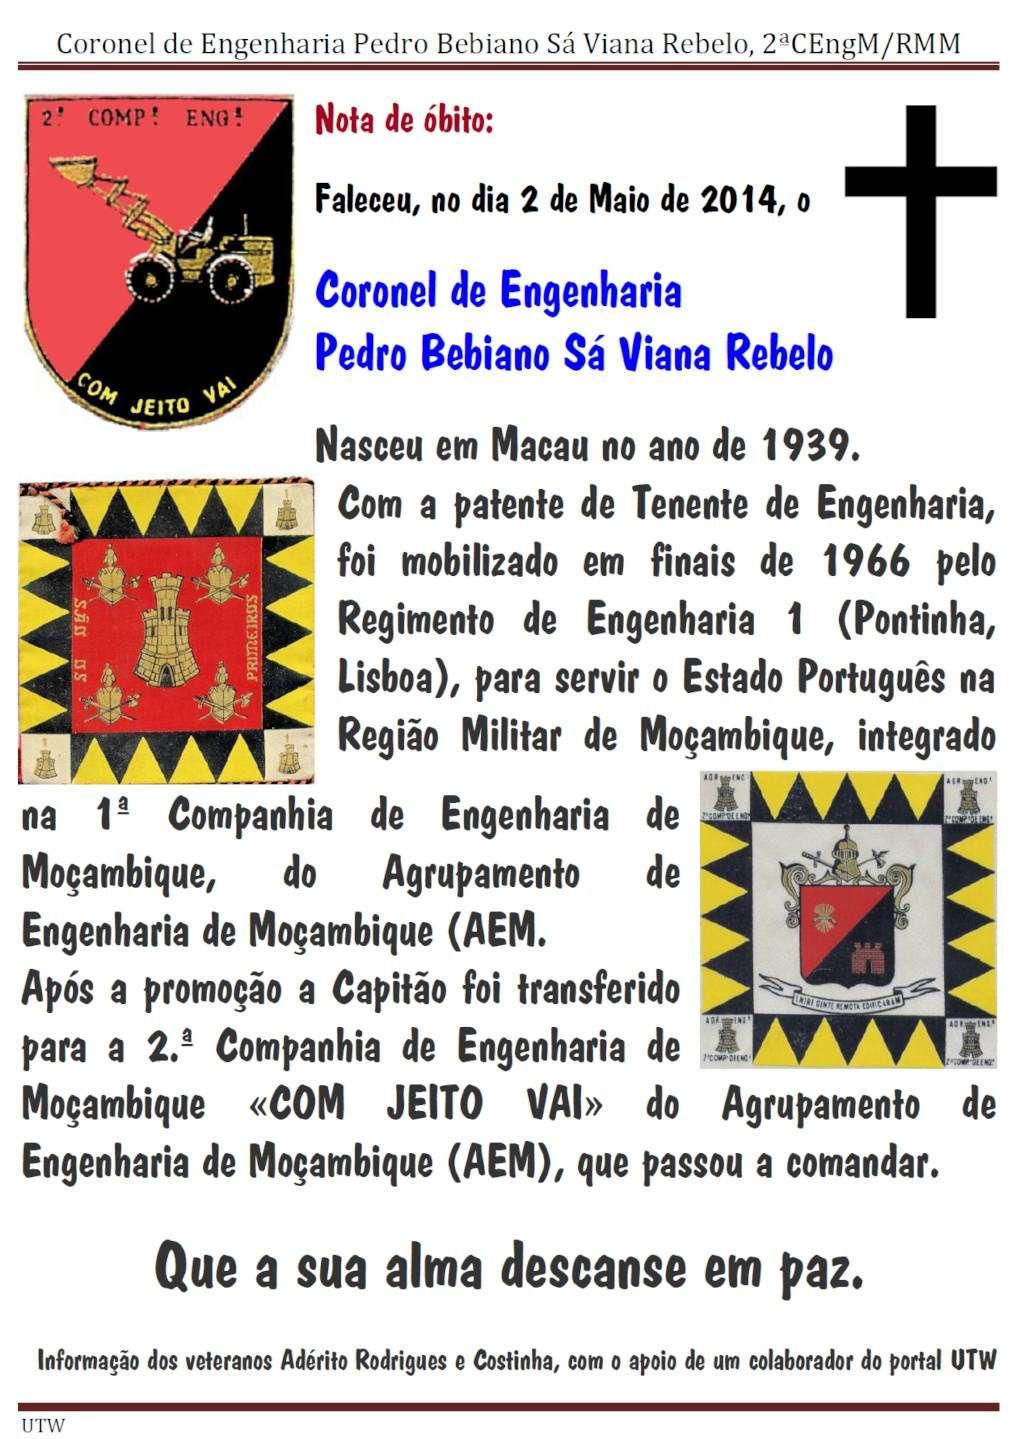 Faleceu o Coronel de Engenharia Pedro Bebiano Sá Viana Rebelo - 2ªCEngM/RMM - 02Mai2014 Coreng12